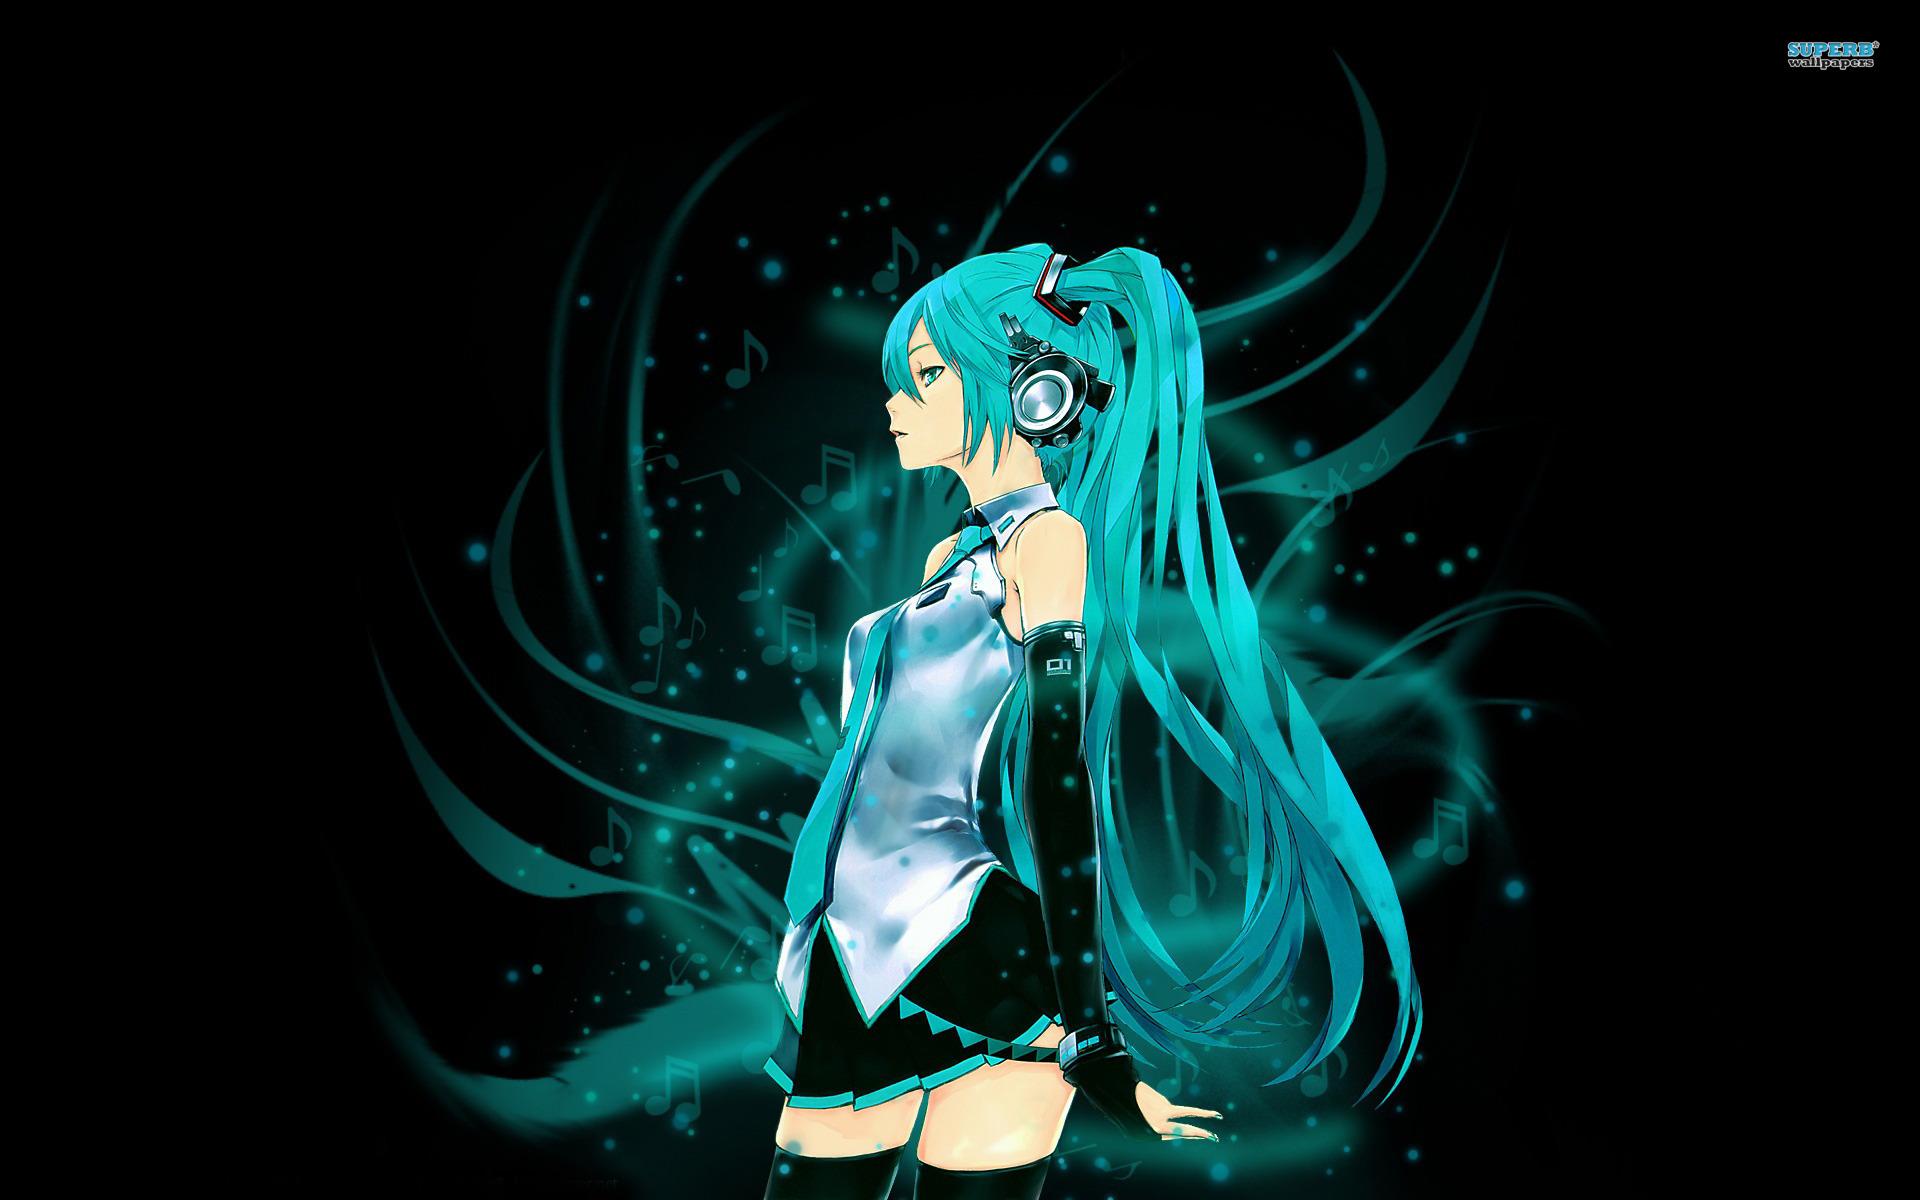 hatsune-miku-anime-356171.jpg